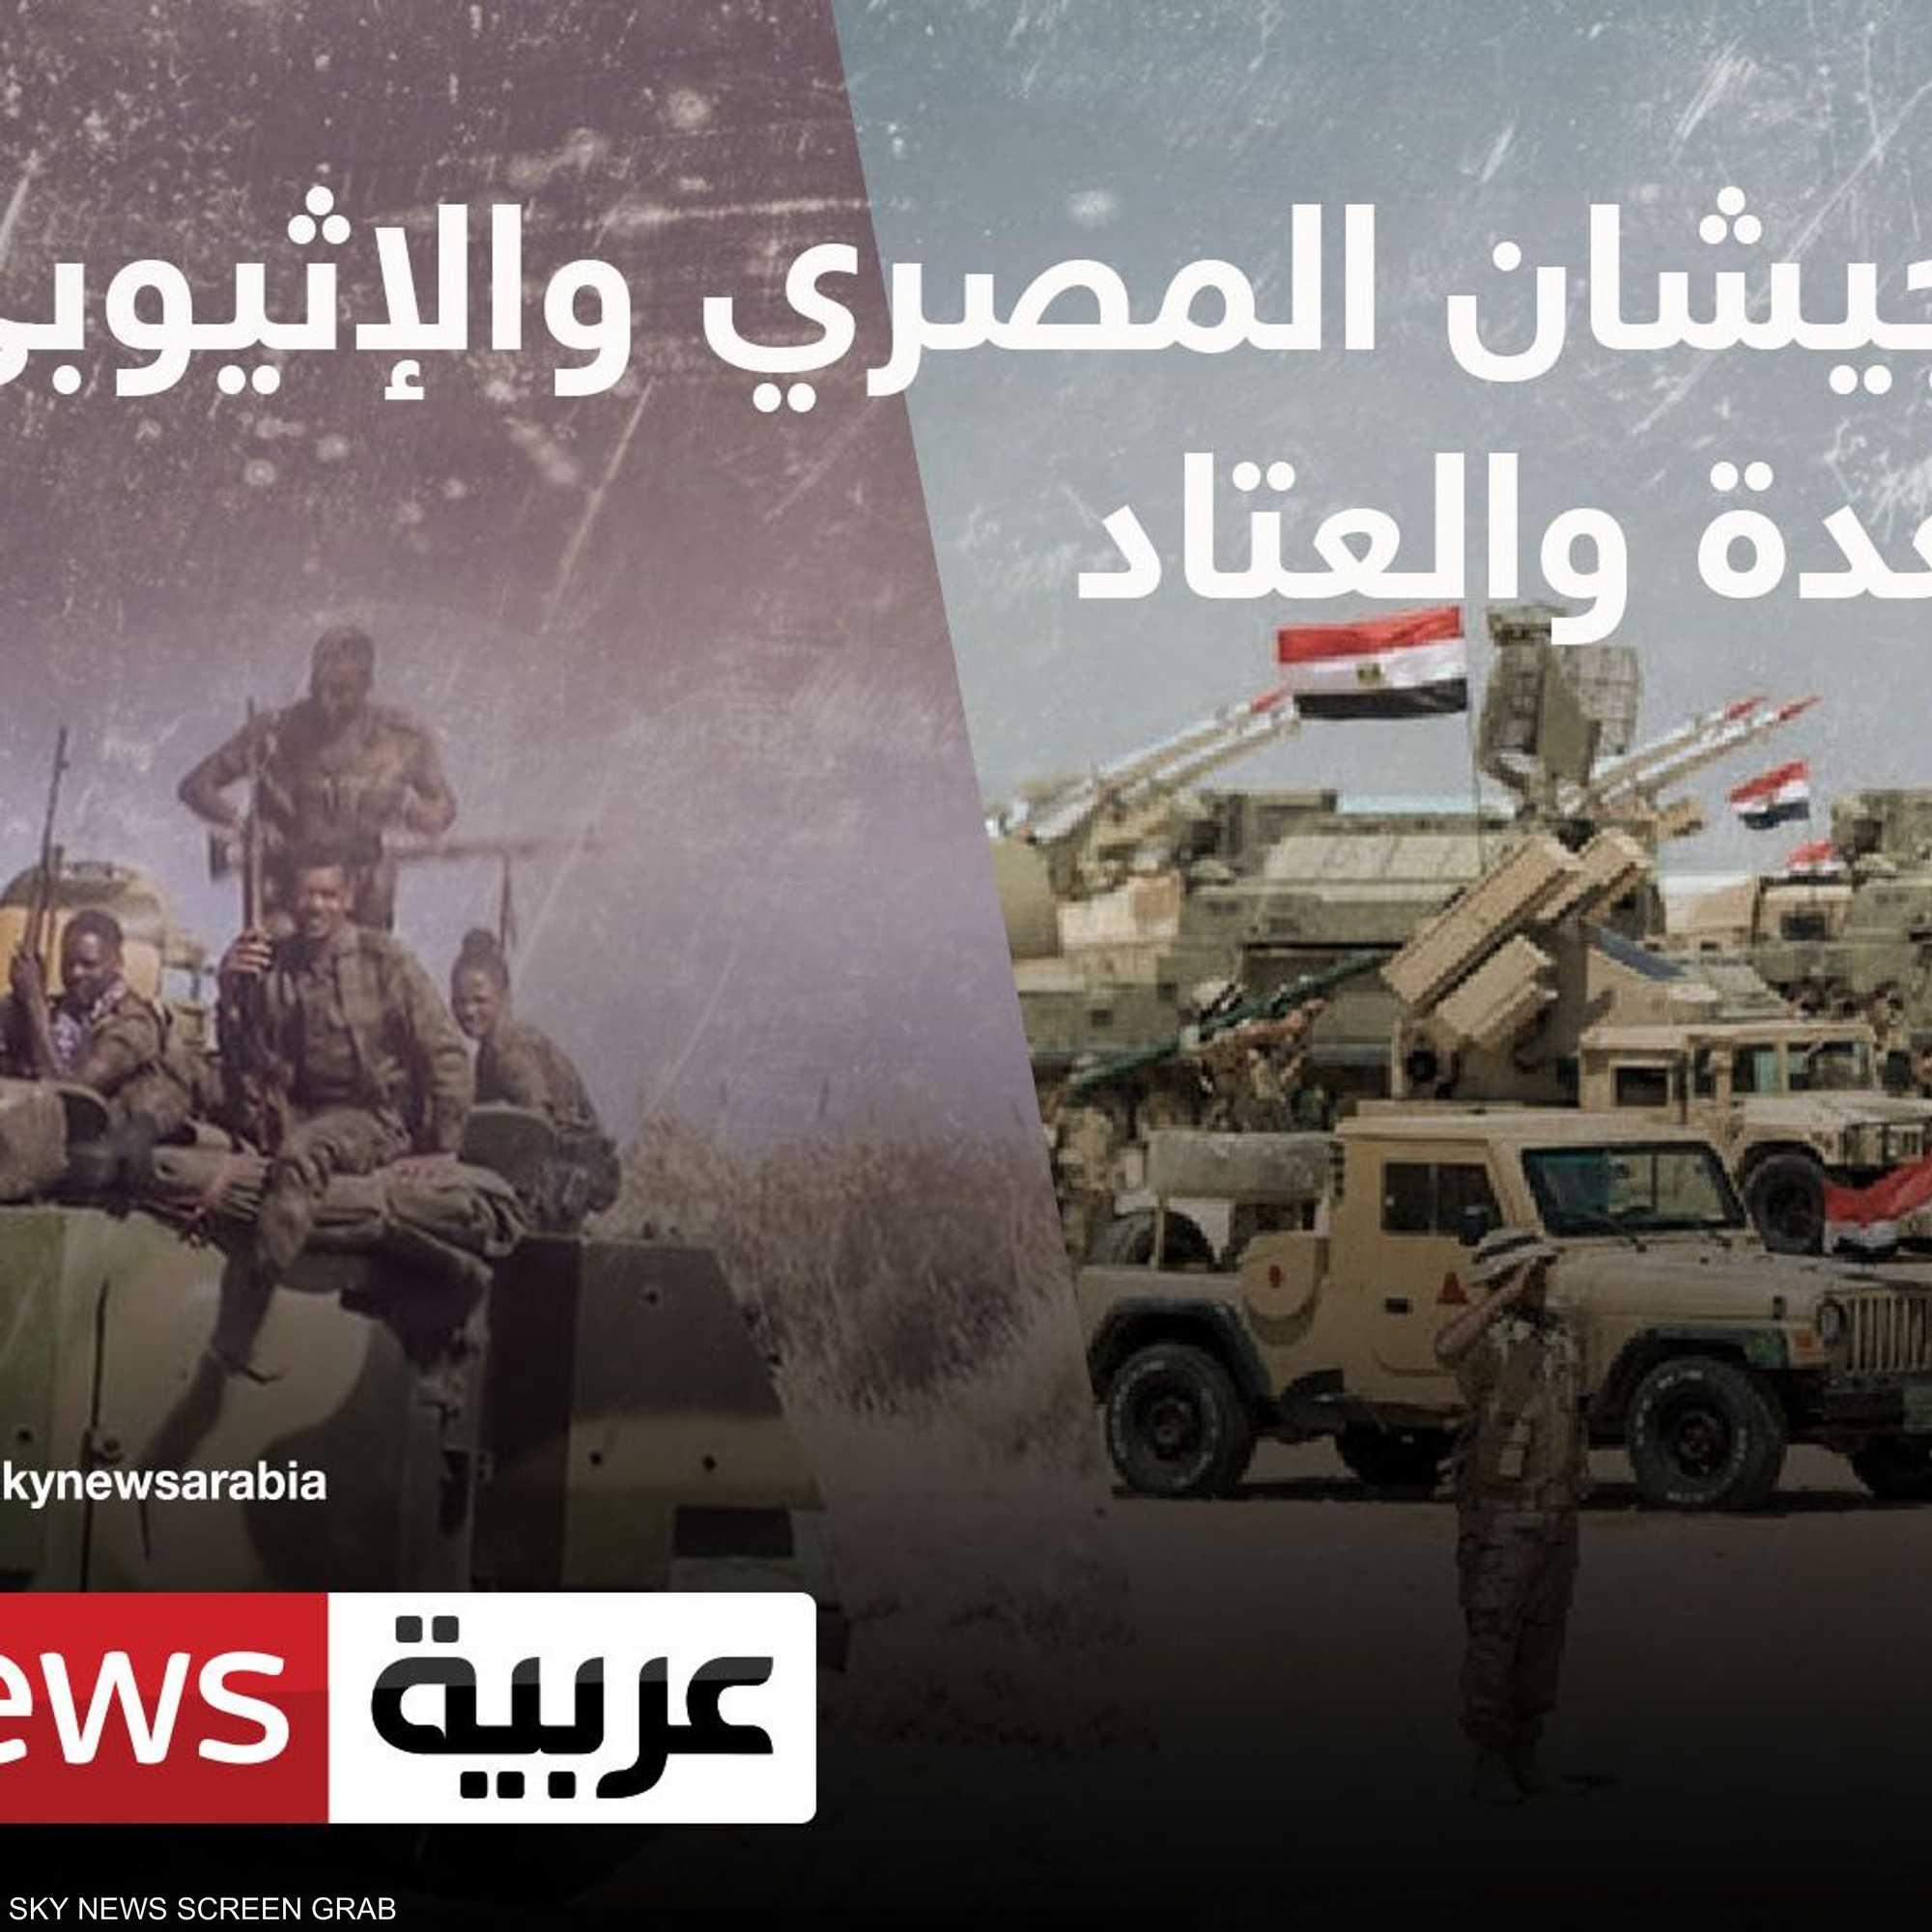 مصر وإثيوبيا.. لمن يميل ميزان القوة العسكرية؟